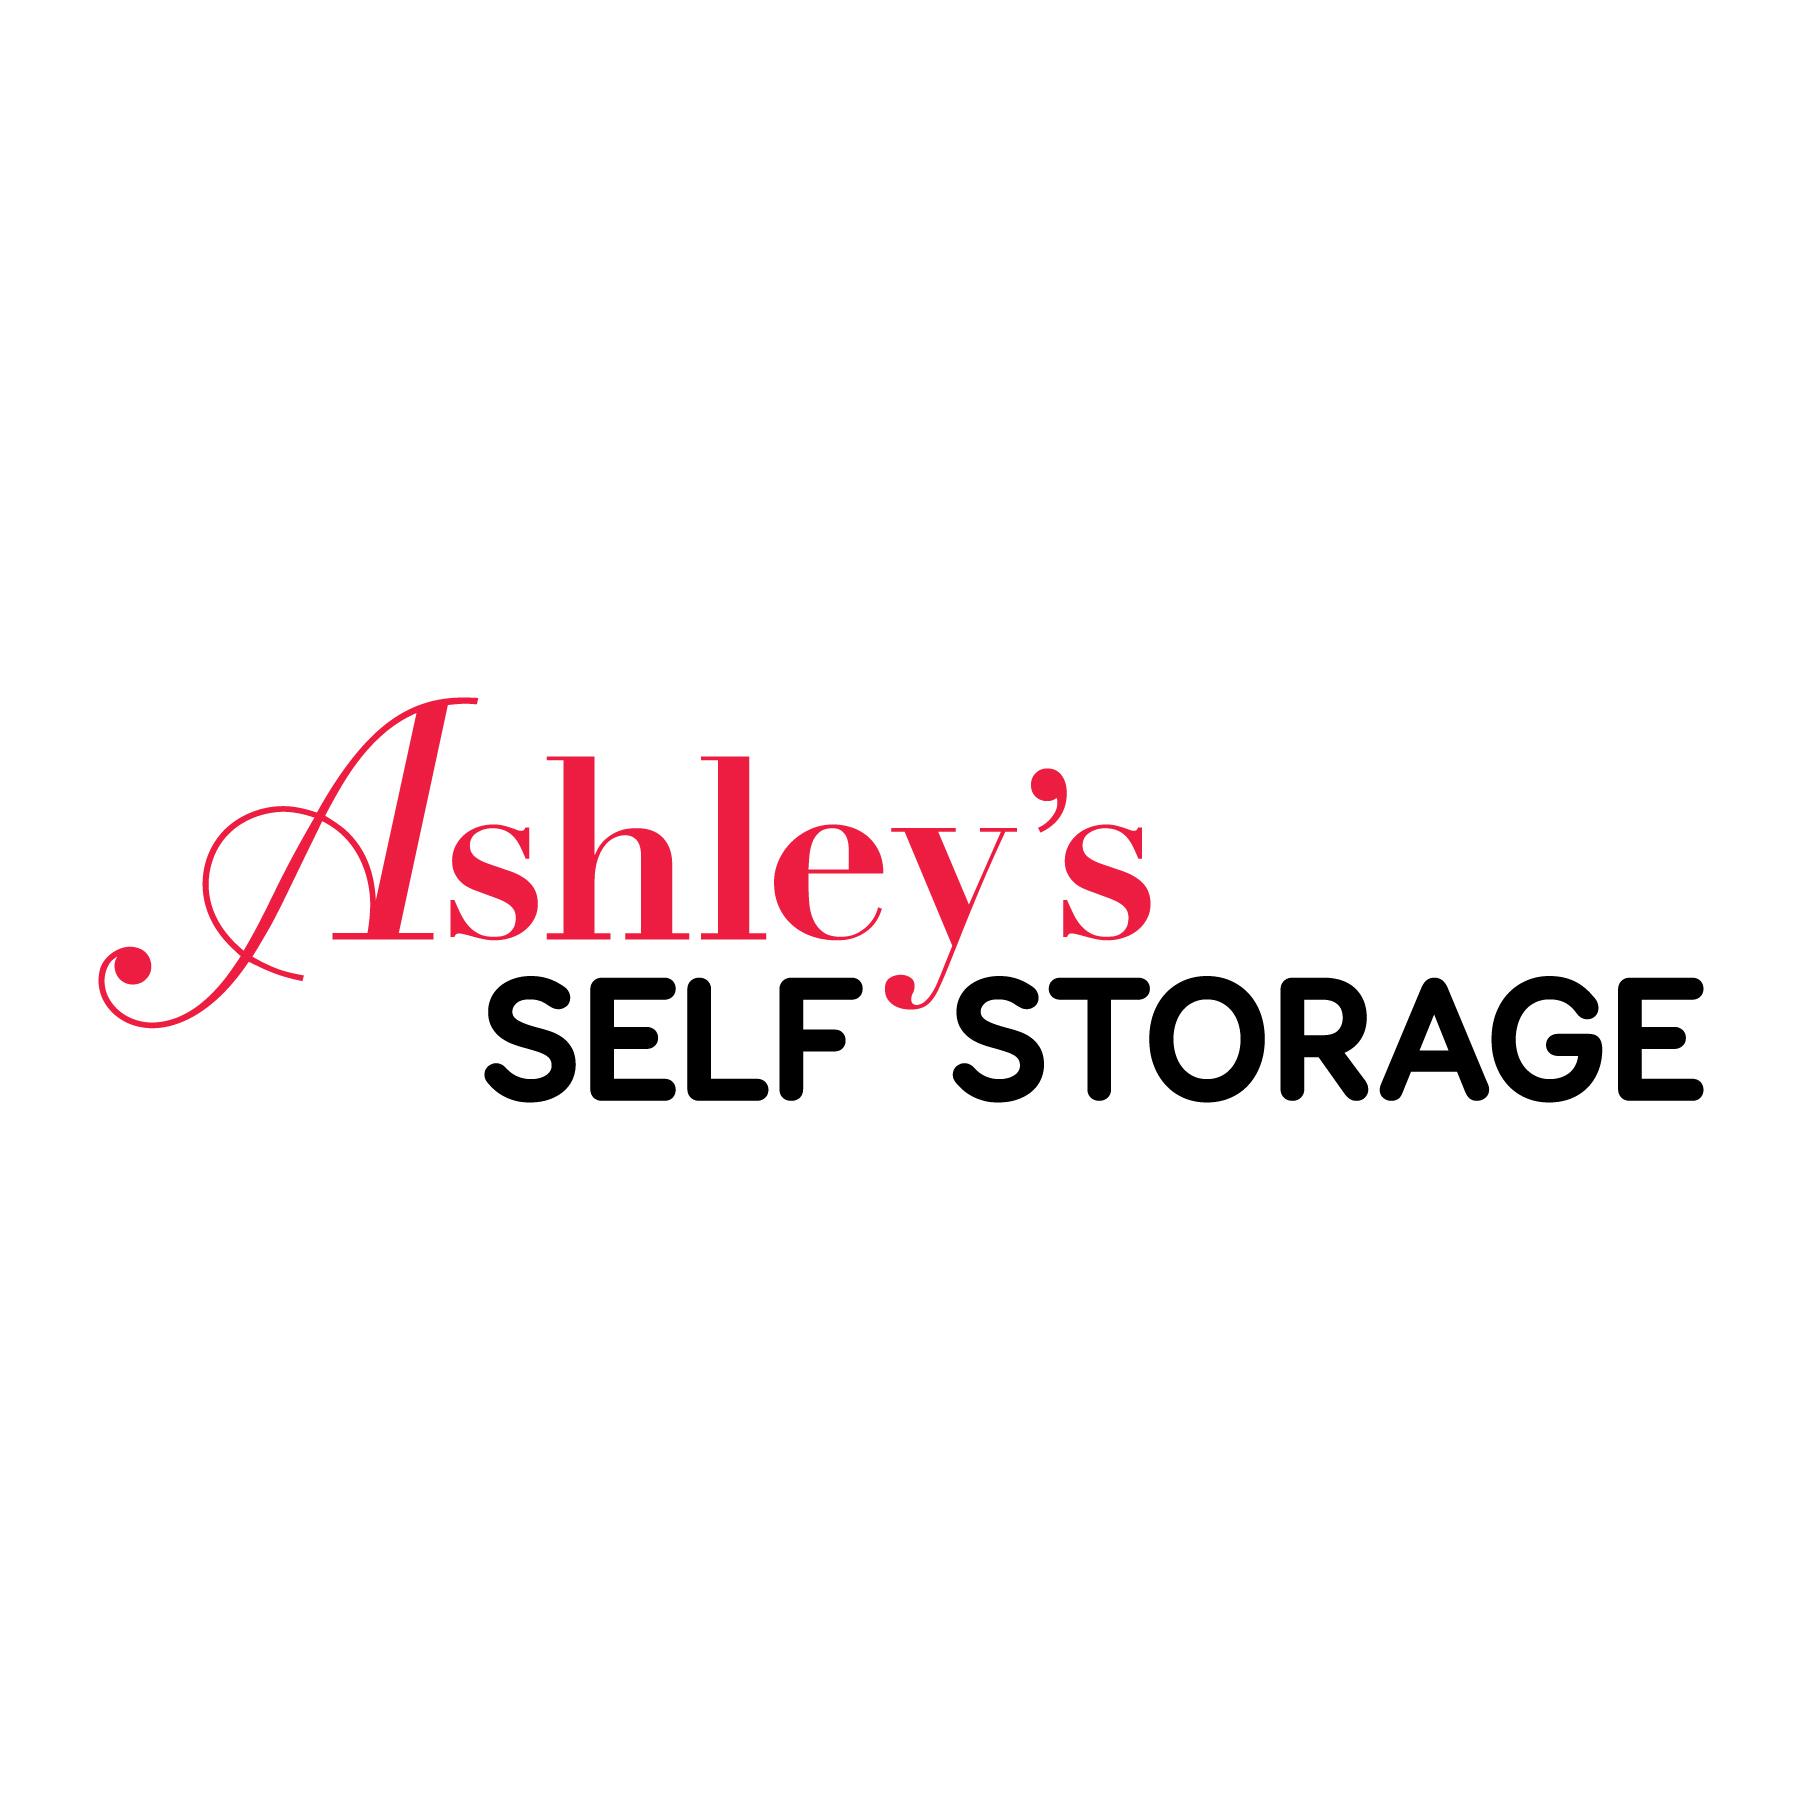 Ashley's Self Storage